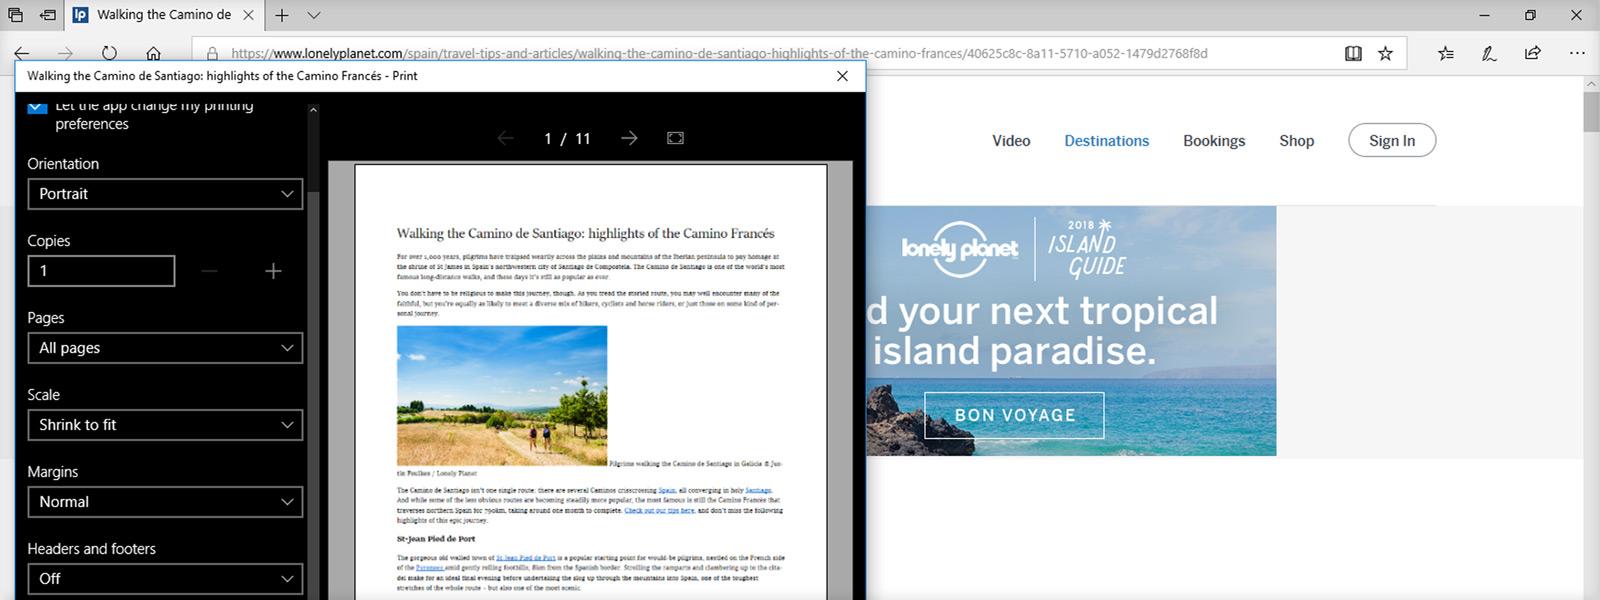 Obrázek náhledu tisku v programu Edge, který neobsahuje reklamy na dané webové stránce